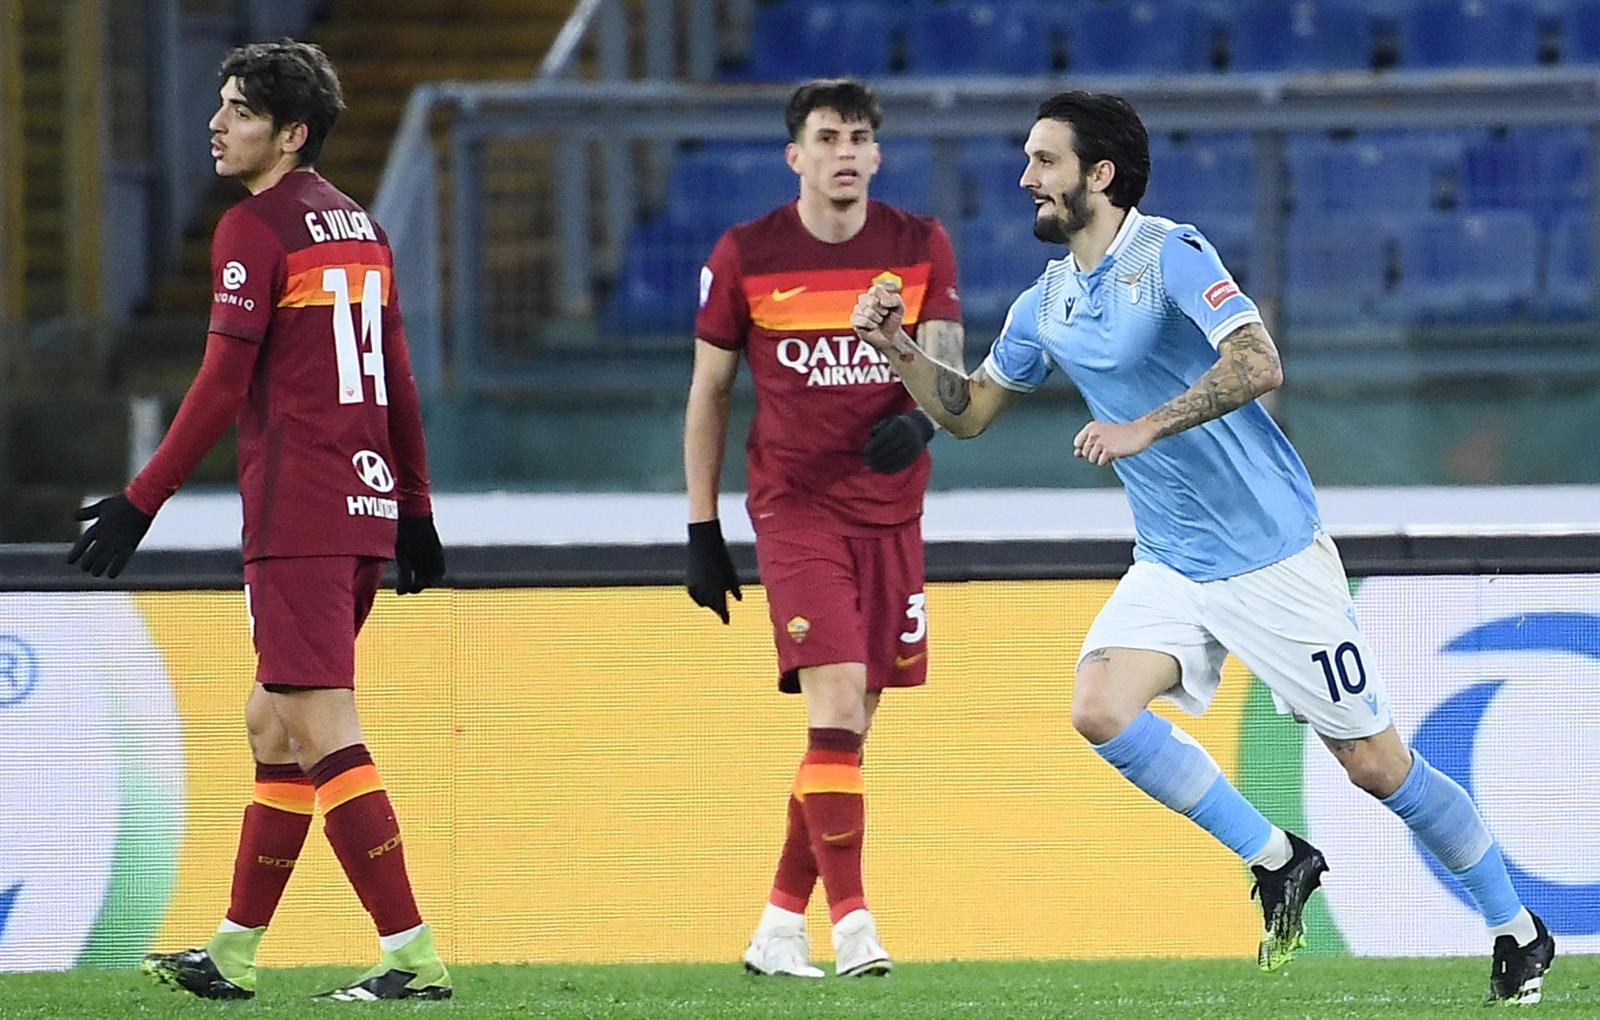 """Roma, tifosi furiosi: """"È vergognoso giocare un derby così. Dov'è la cattiveria?"""""""